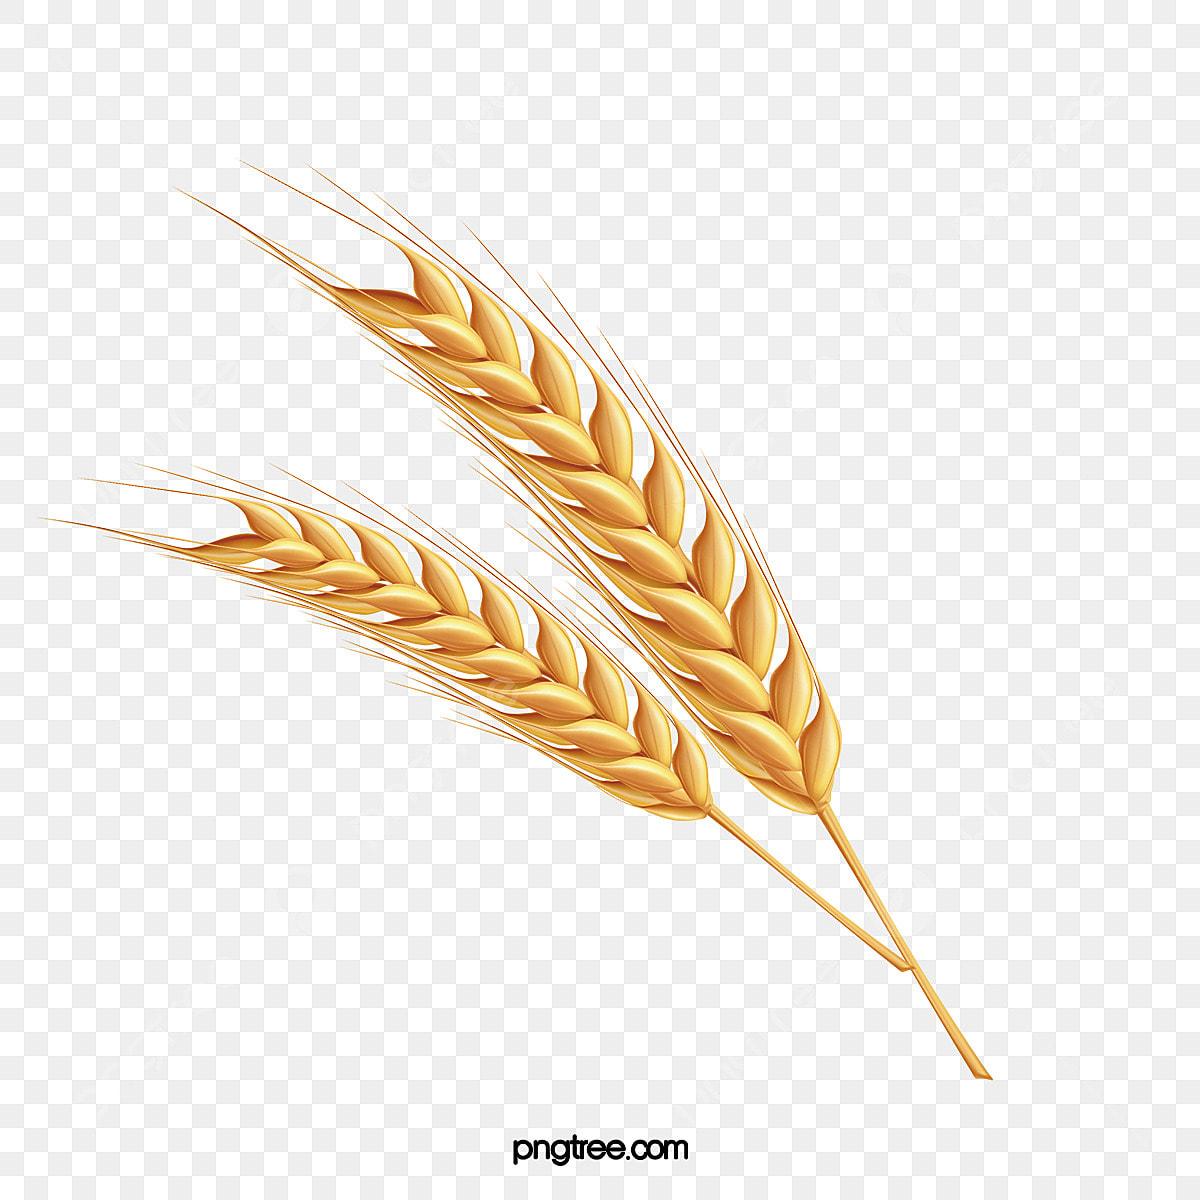 رسم كاريكتوري آذان القمح رسم سنبلة القمح القمح رائعة Png وملف Psd للتحميل مجانا